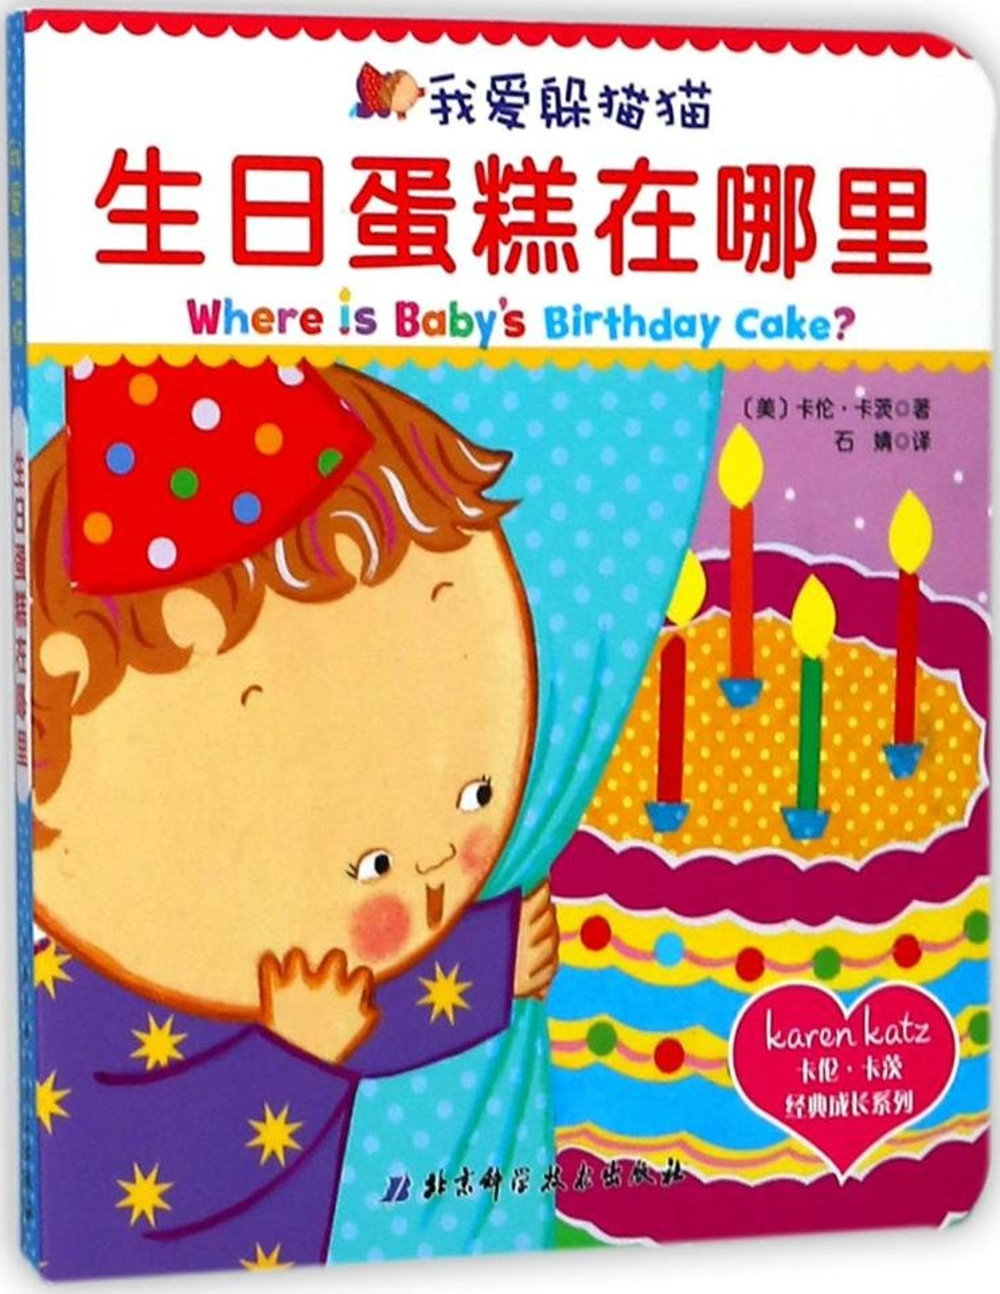 生日蛋糕在哪里